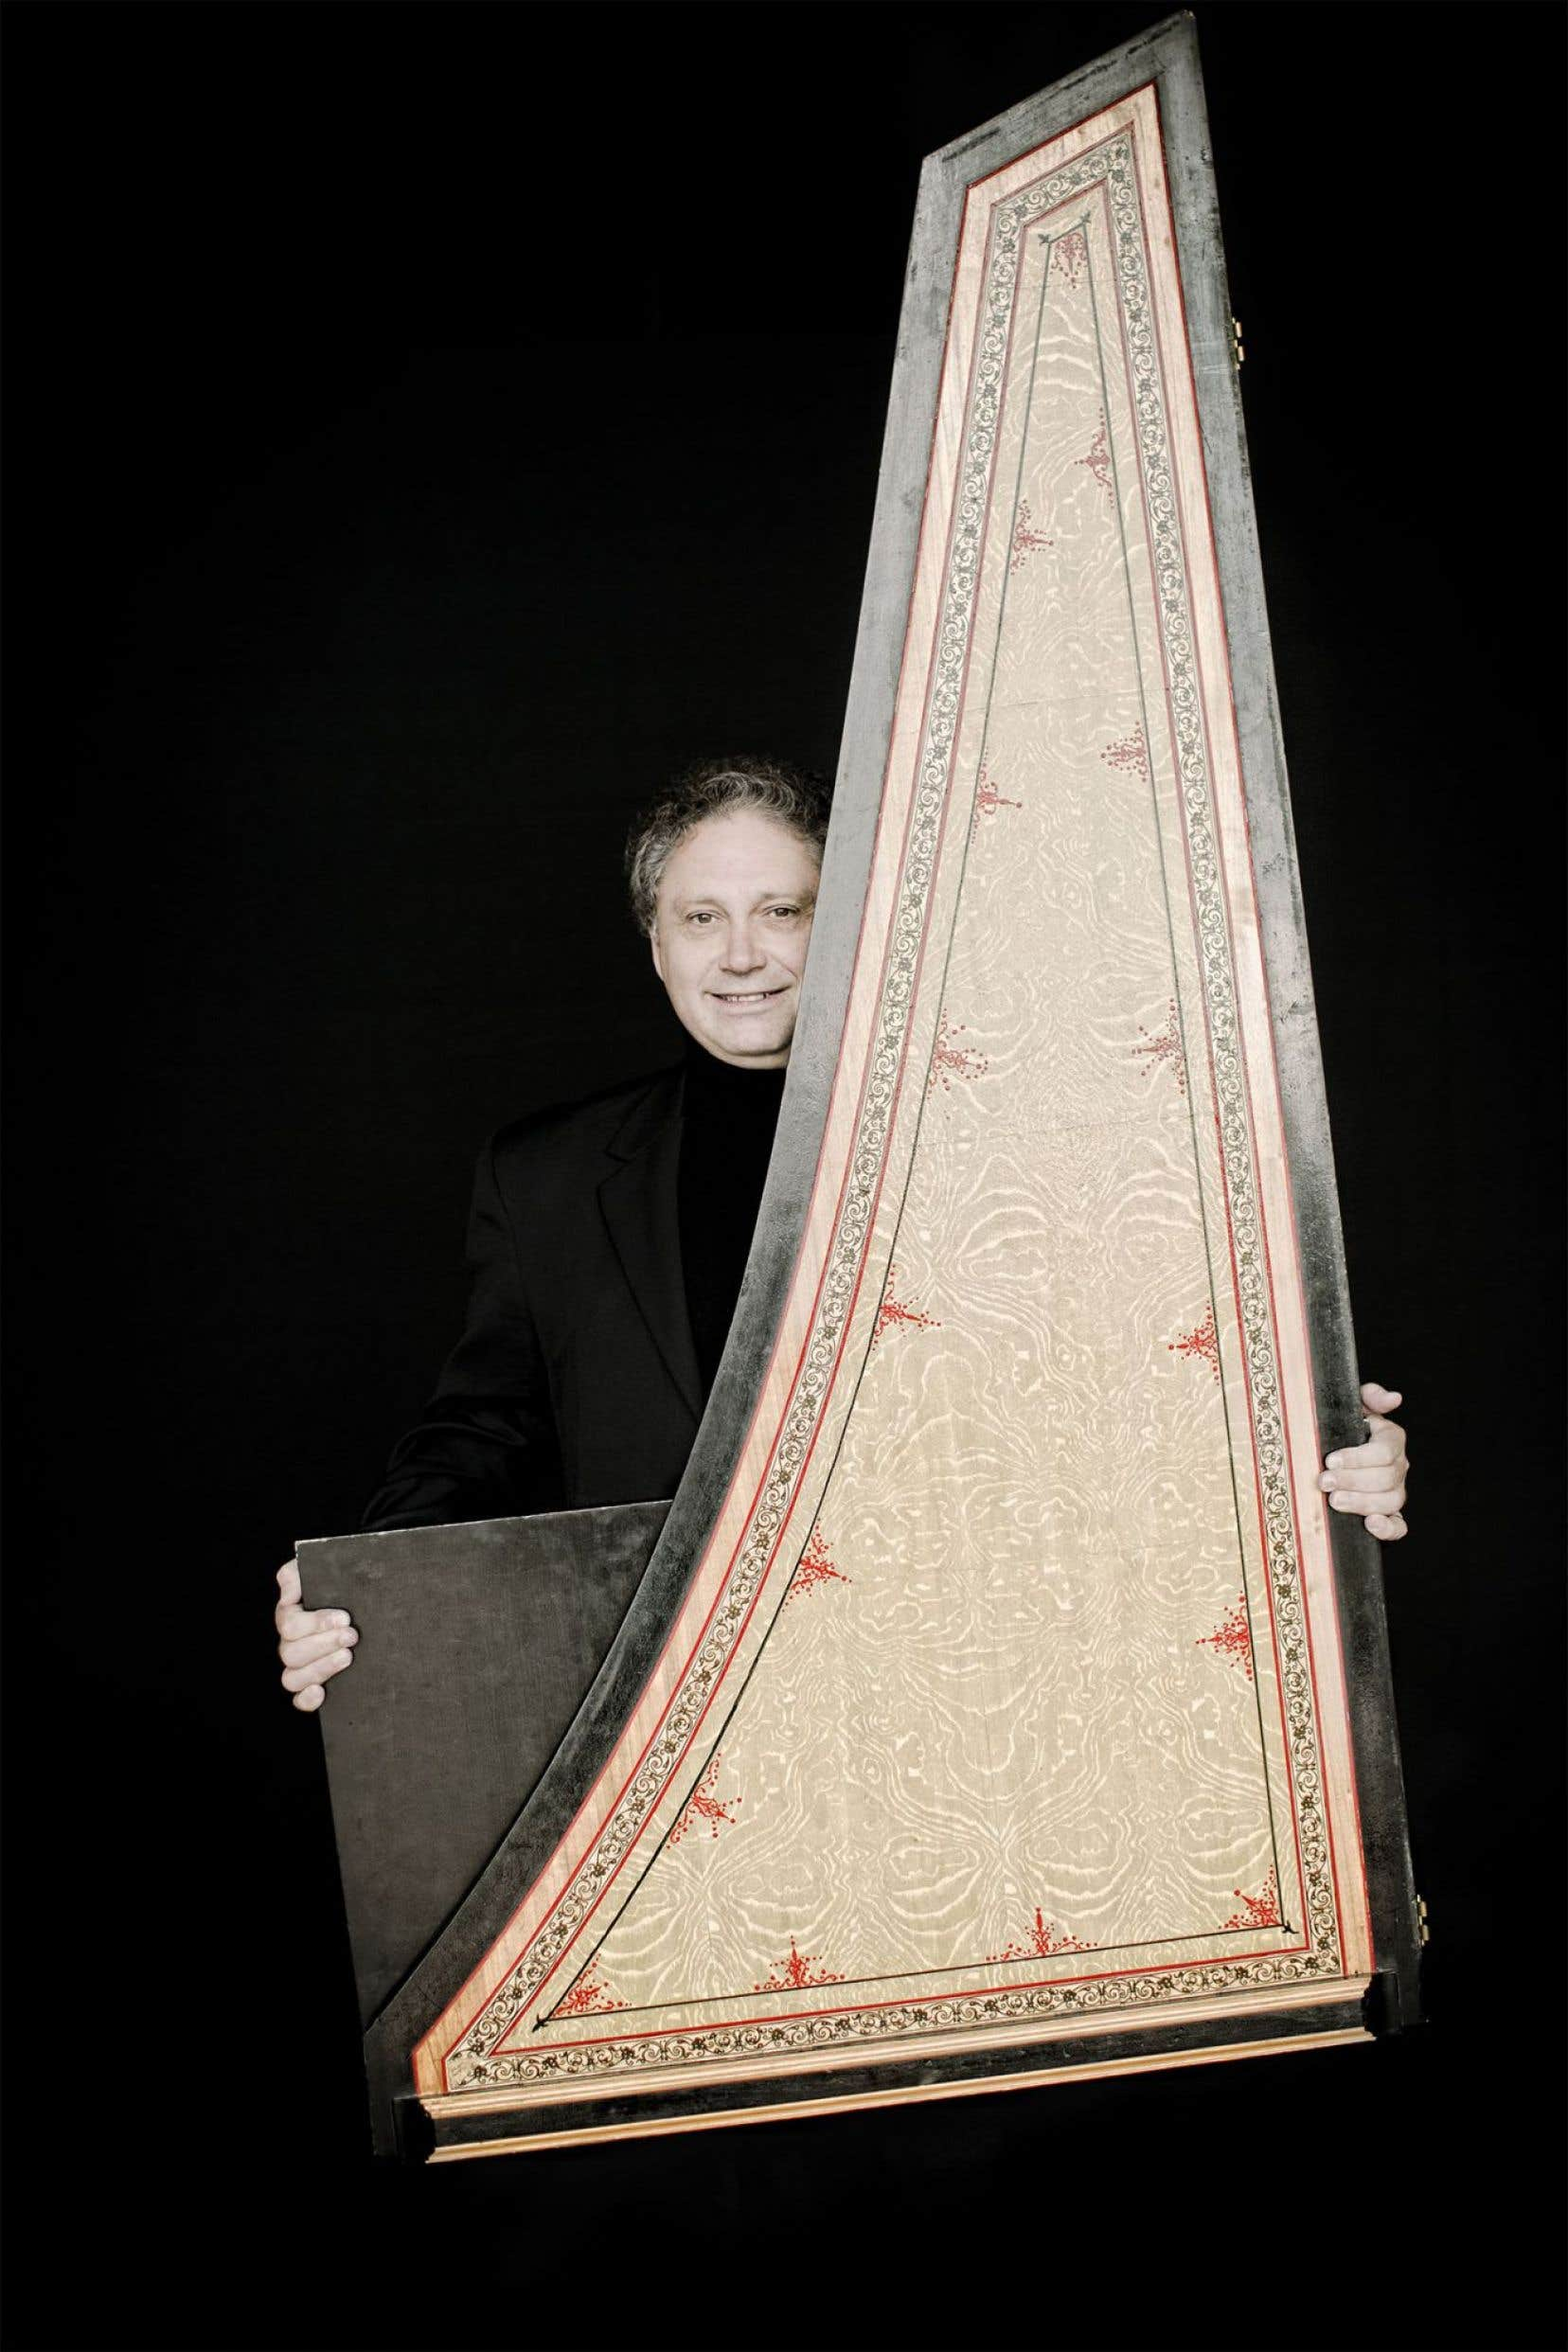 Richard Egarr seprésentait mercredi à la salle Bourgie dans le cadre de la série «Complètement clavecin»organisée par la Fondation Arte Musica.